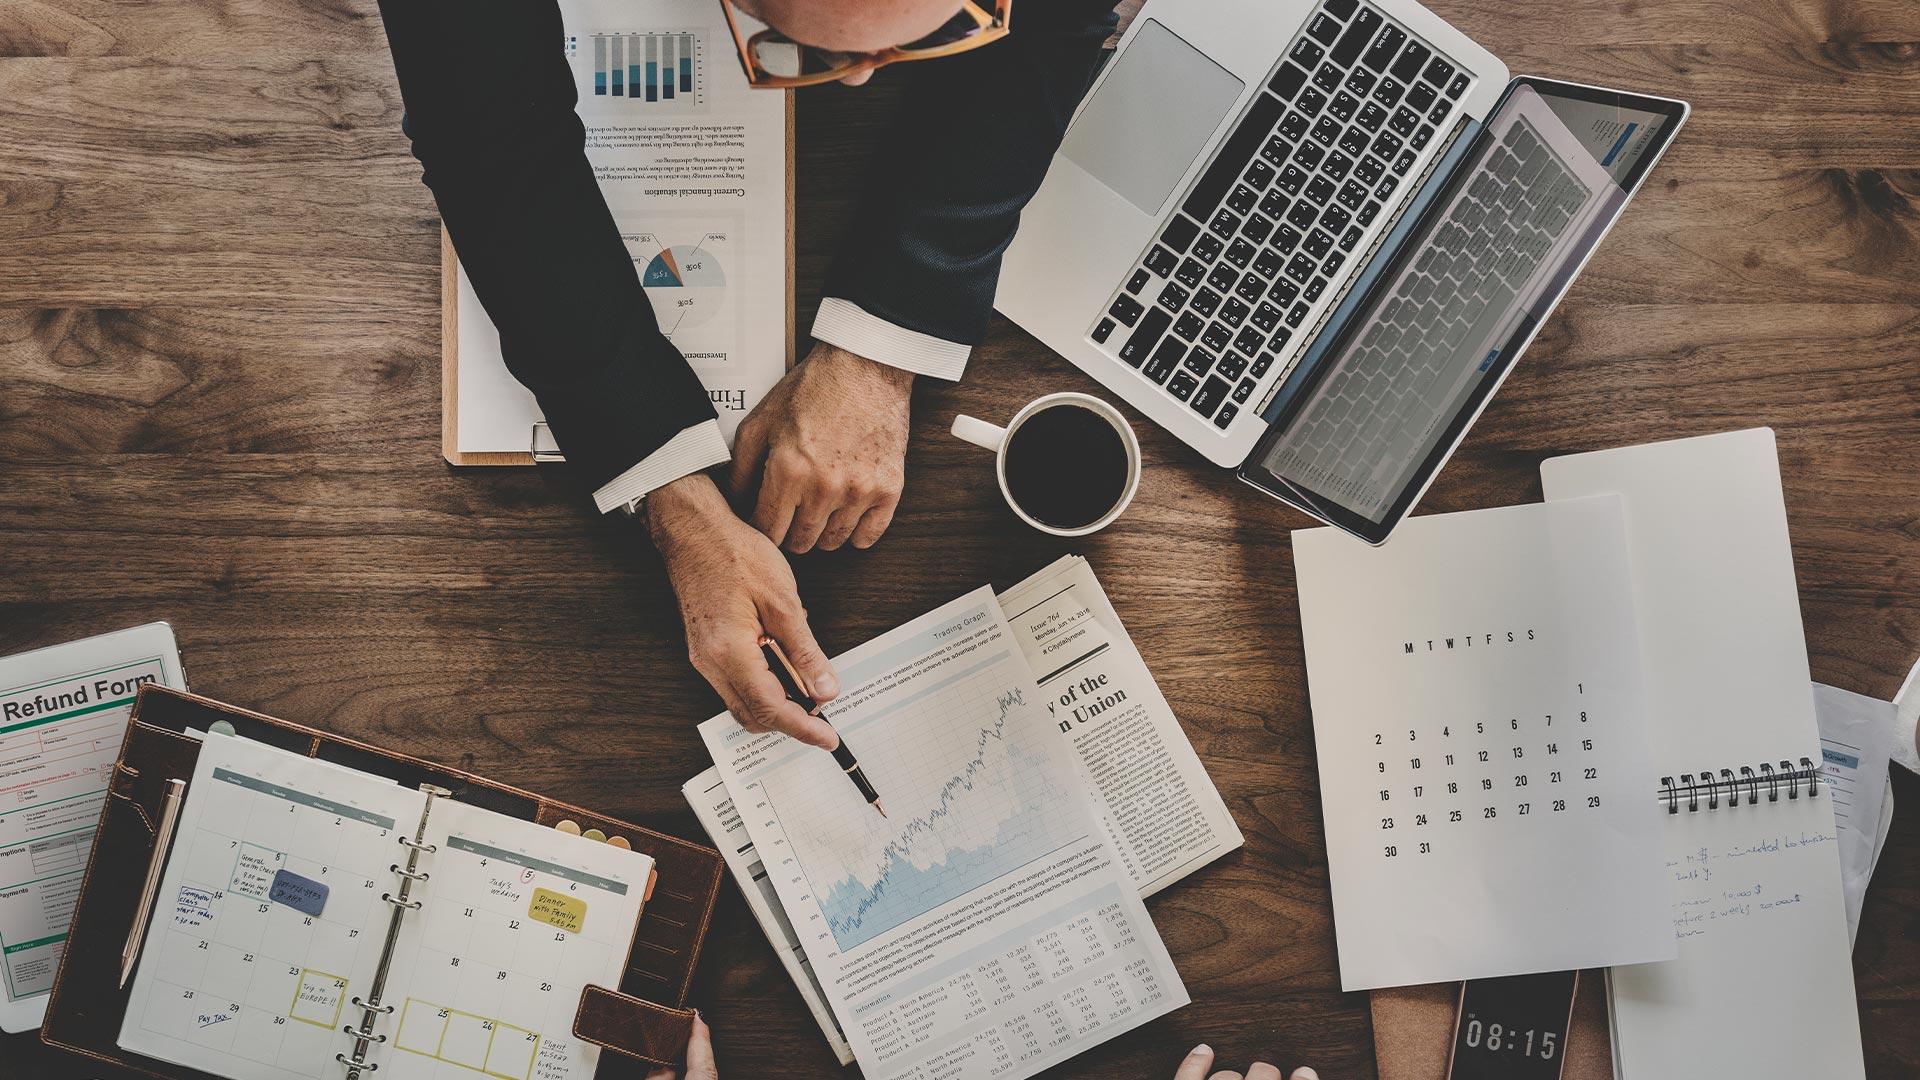 למה צריך תוכנית עסקית